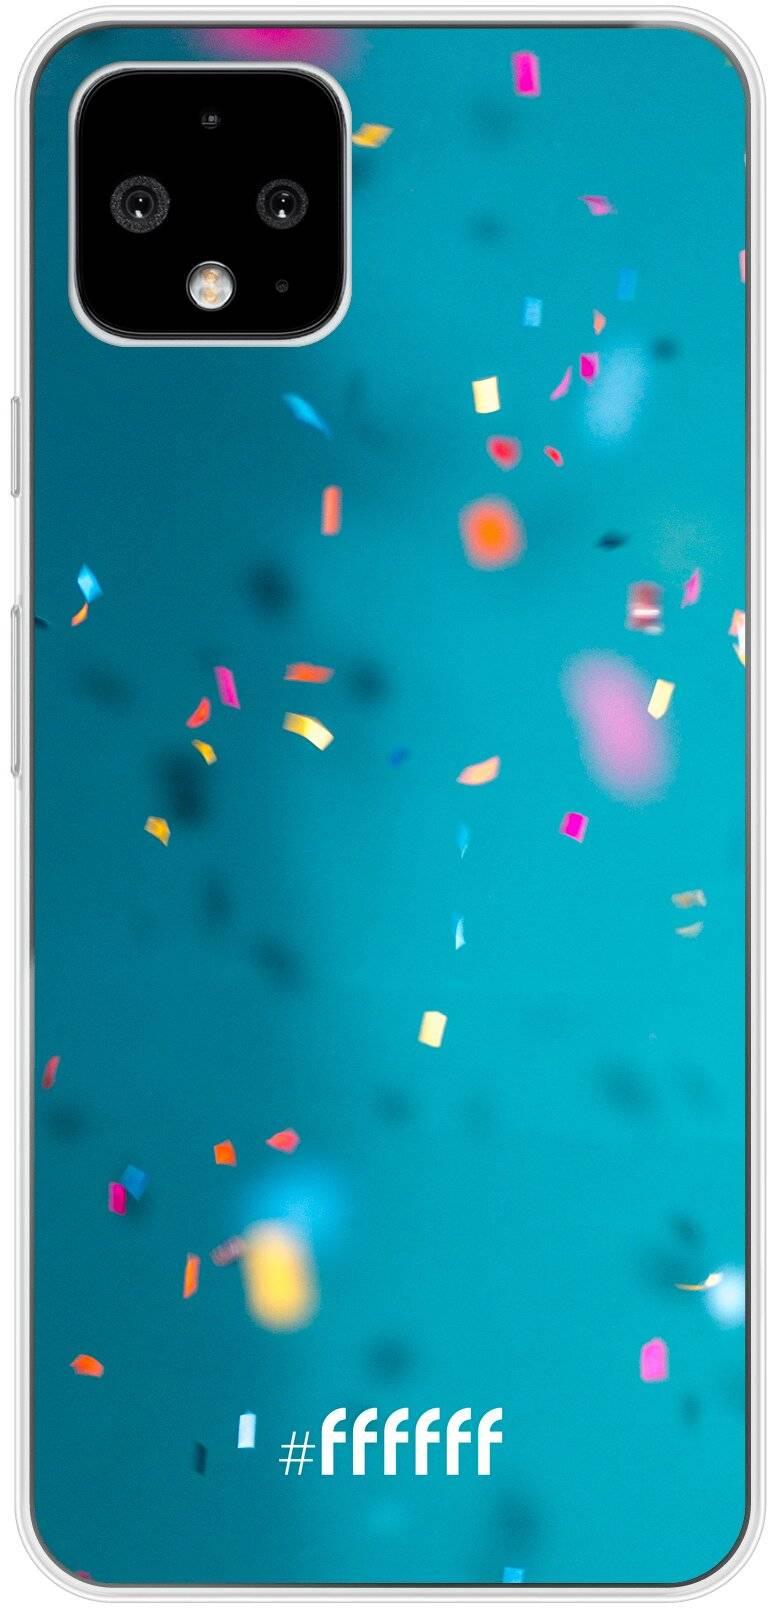 Confetti Pixel 4